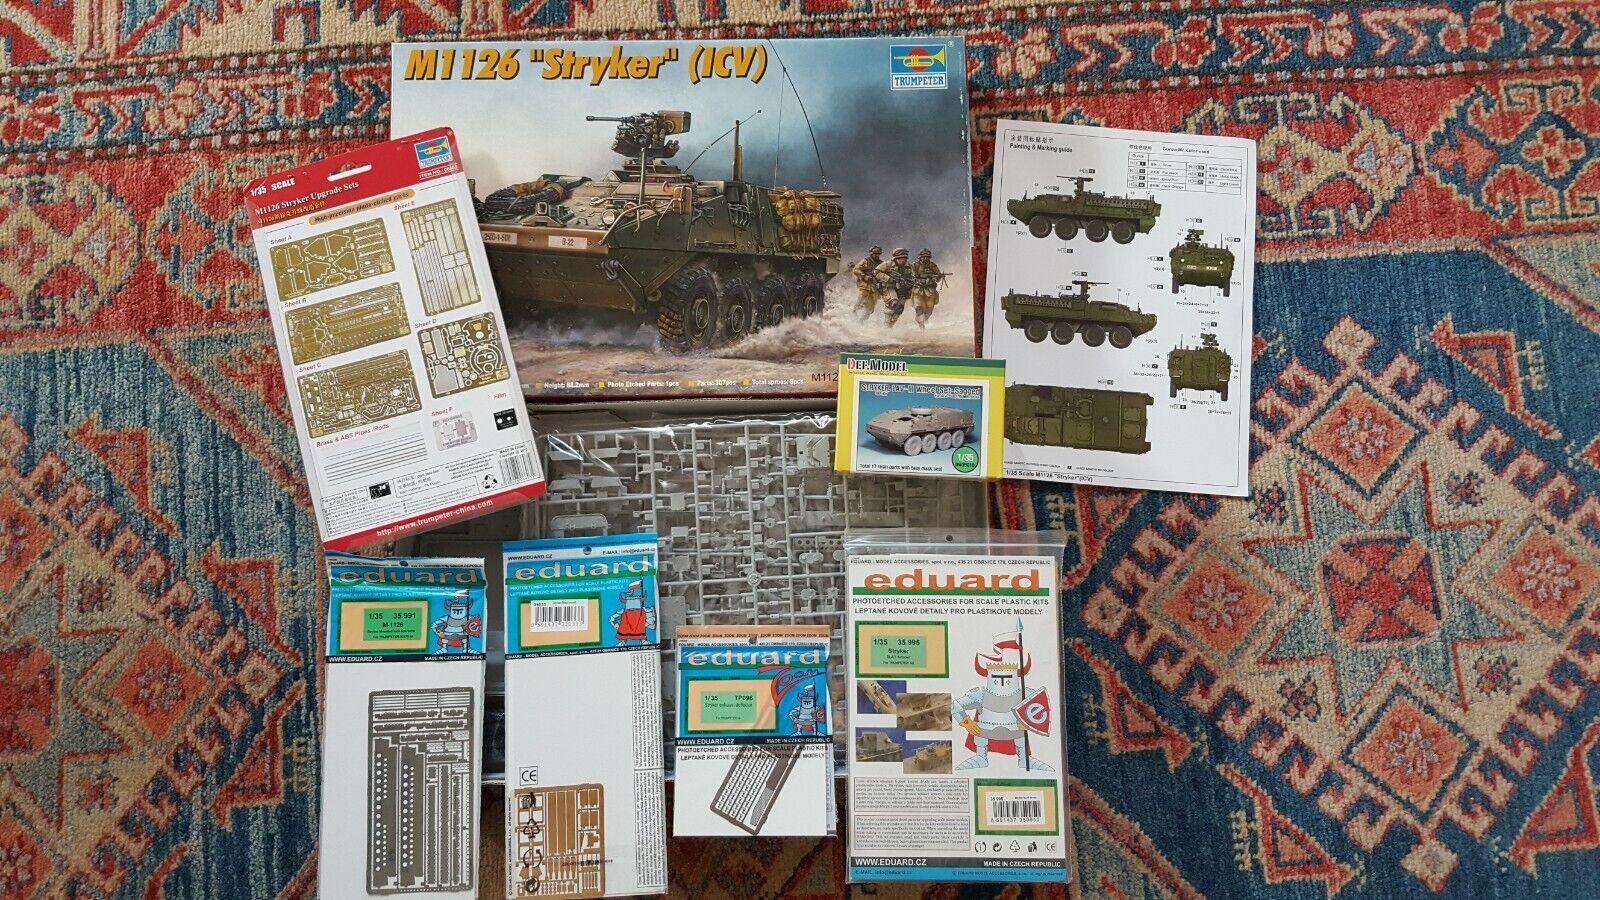 M1126 STRYKER – ICV – TRUMPETER – 1 35 – AFGHANISTAN